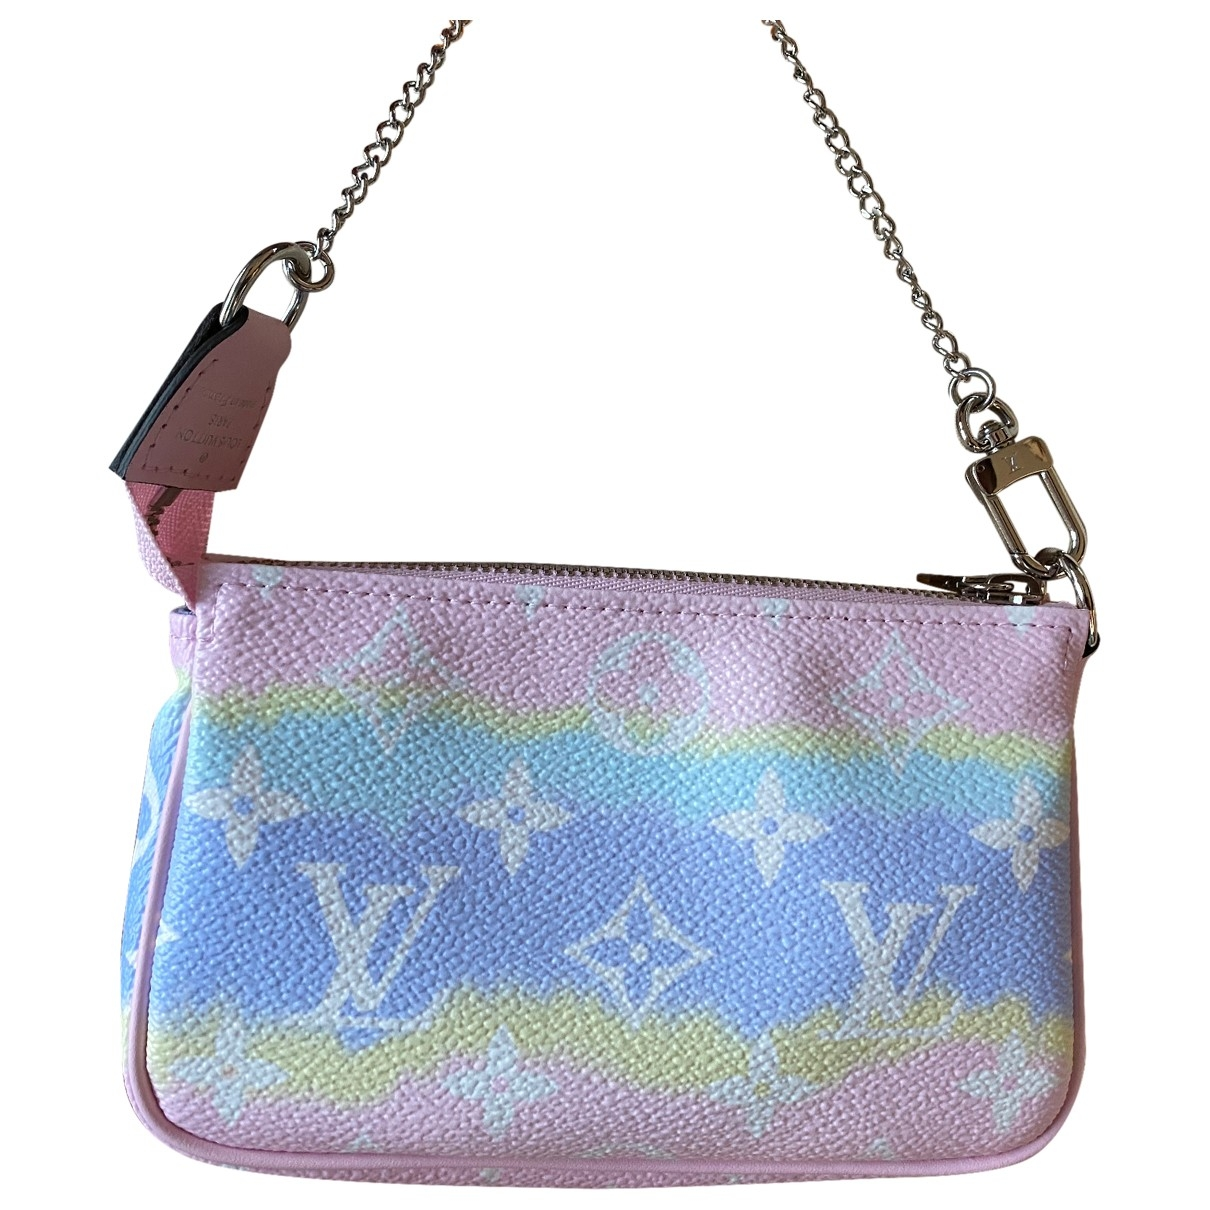 Louis Vuitton Pochette Accessoire Pink Cloth Clutch bag for Women N